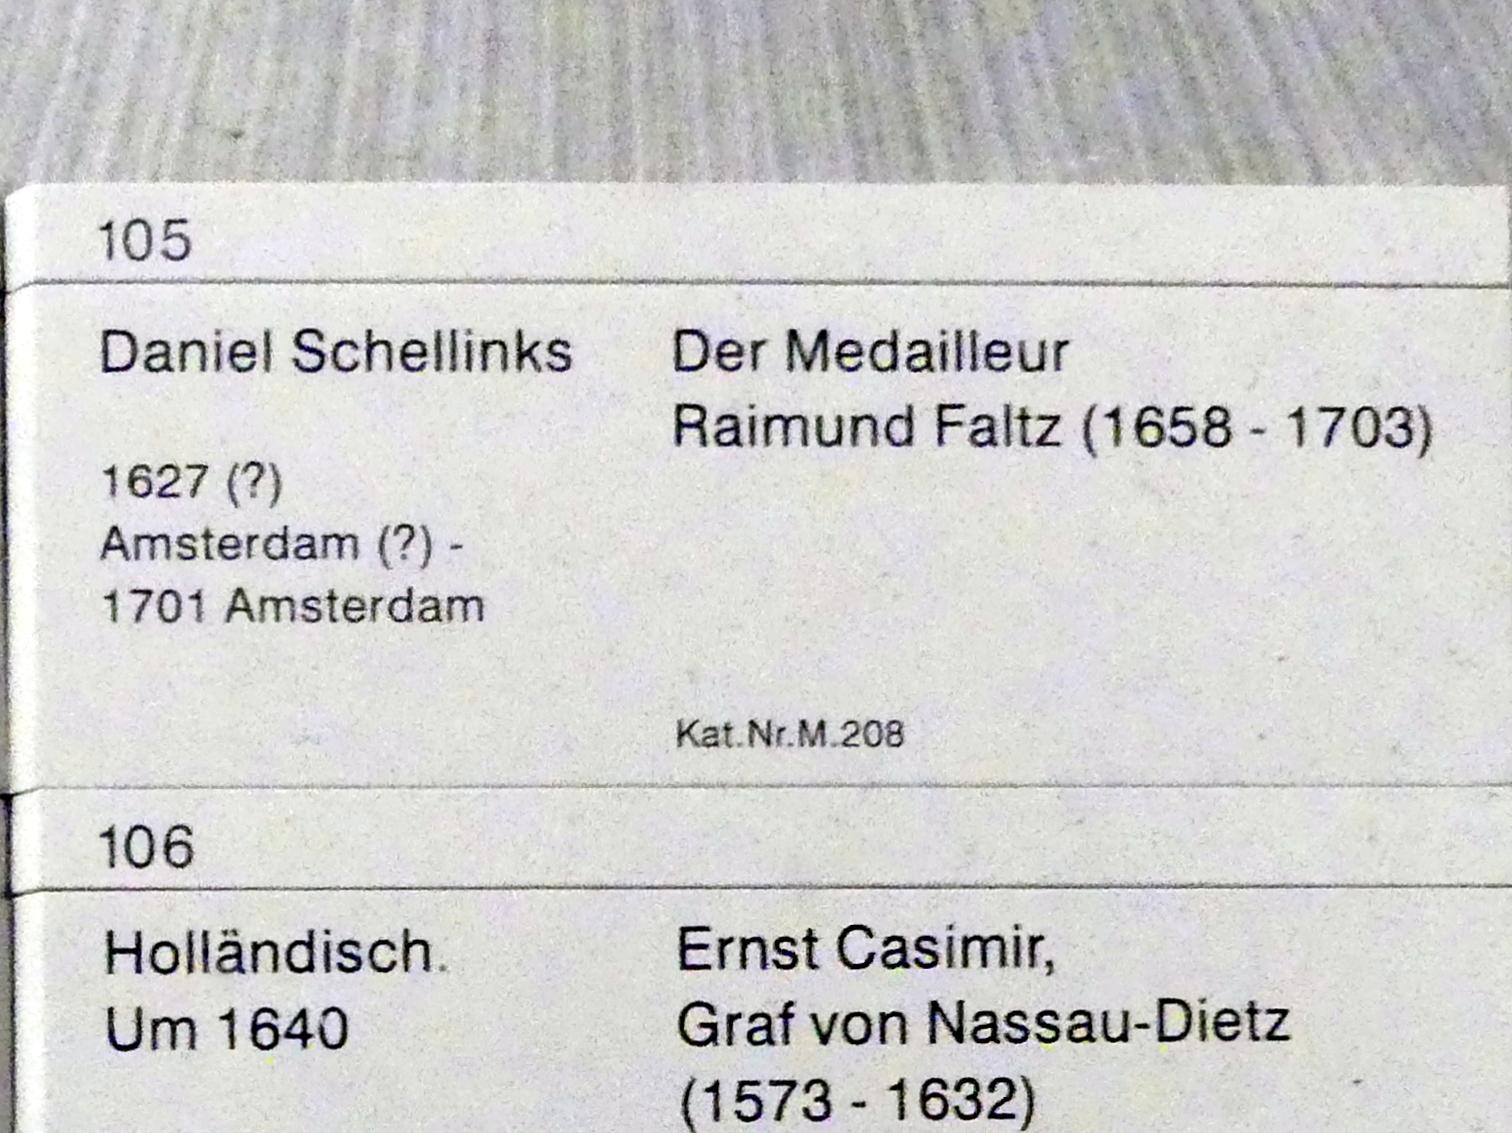 Daniel Schellinks: Der Medailleur Raimund Faltz (1658-1703), Undatiert, Bild 2/2